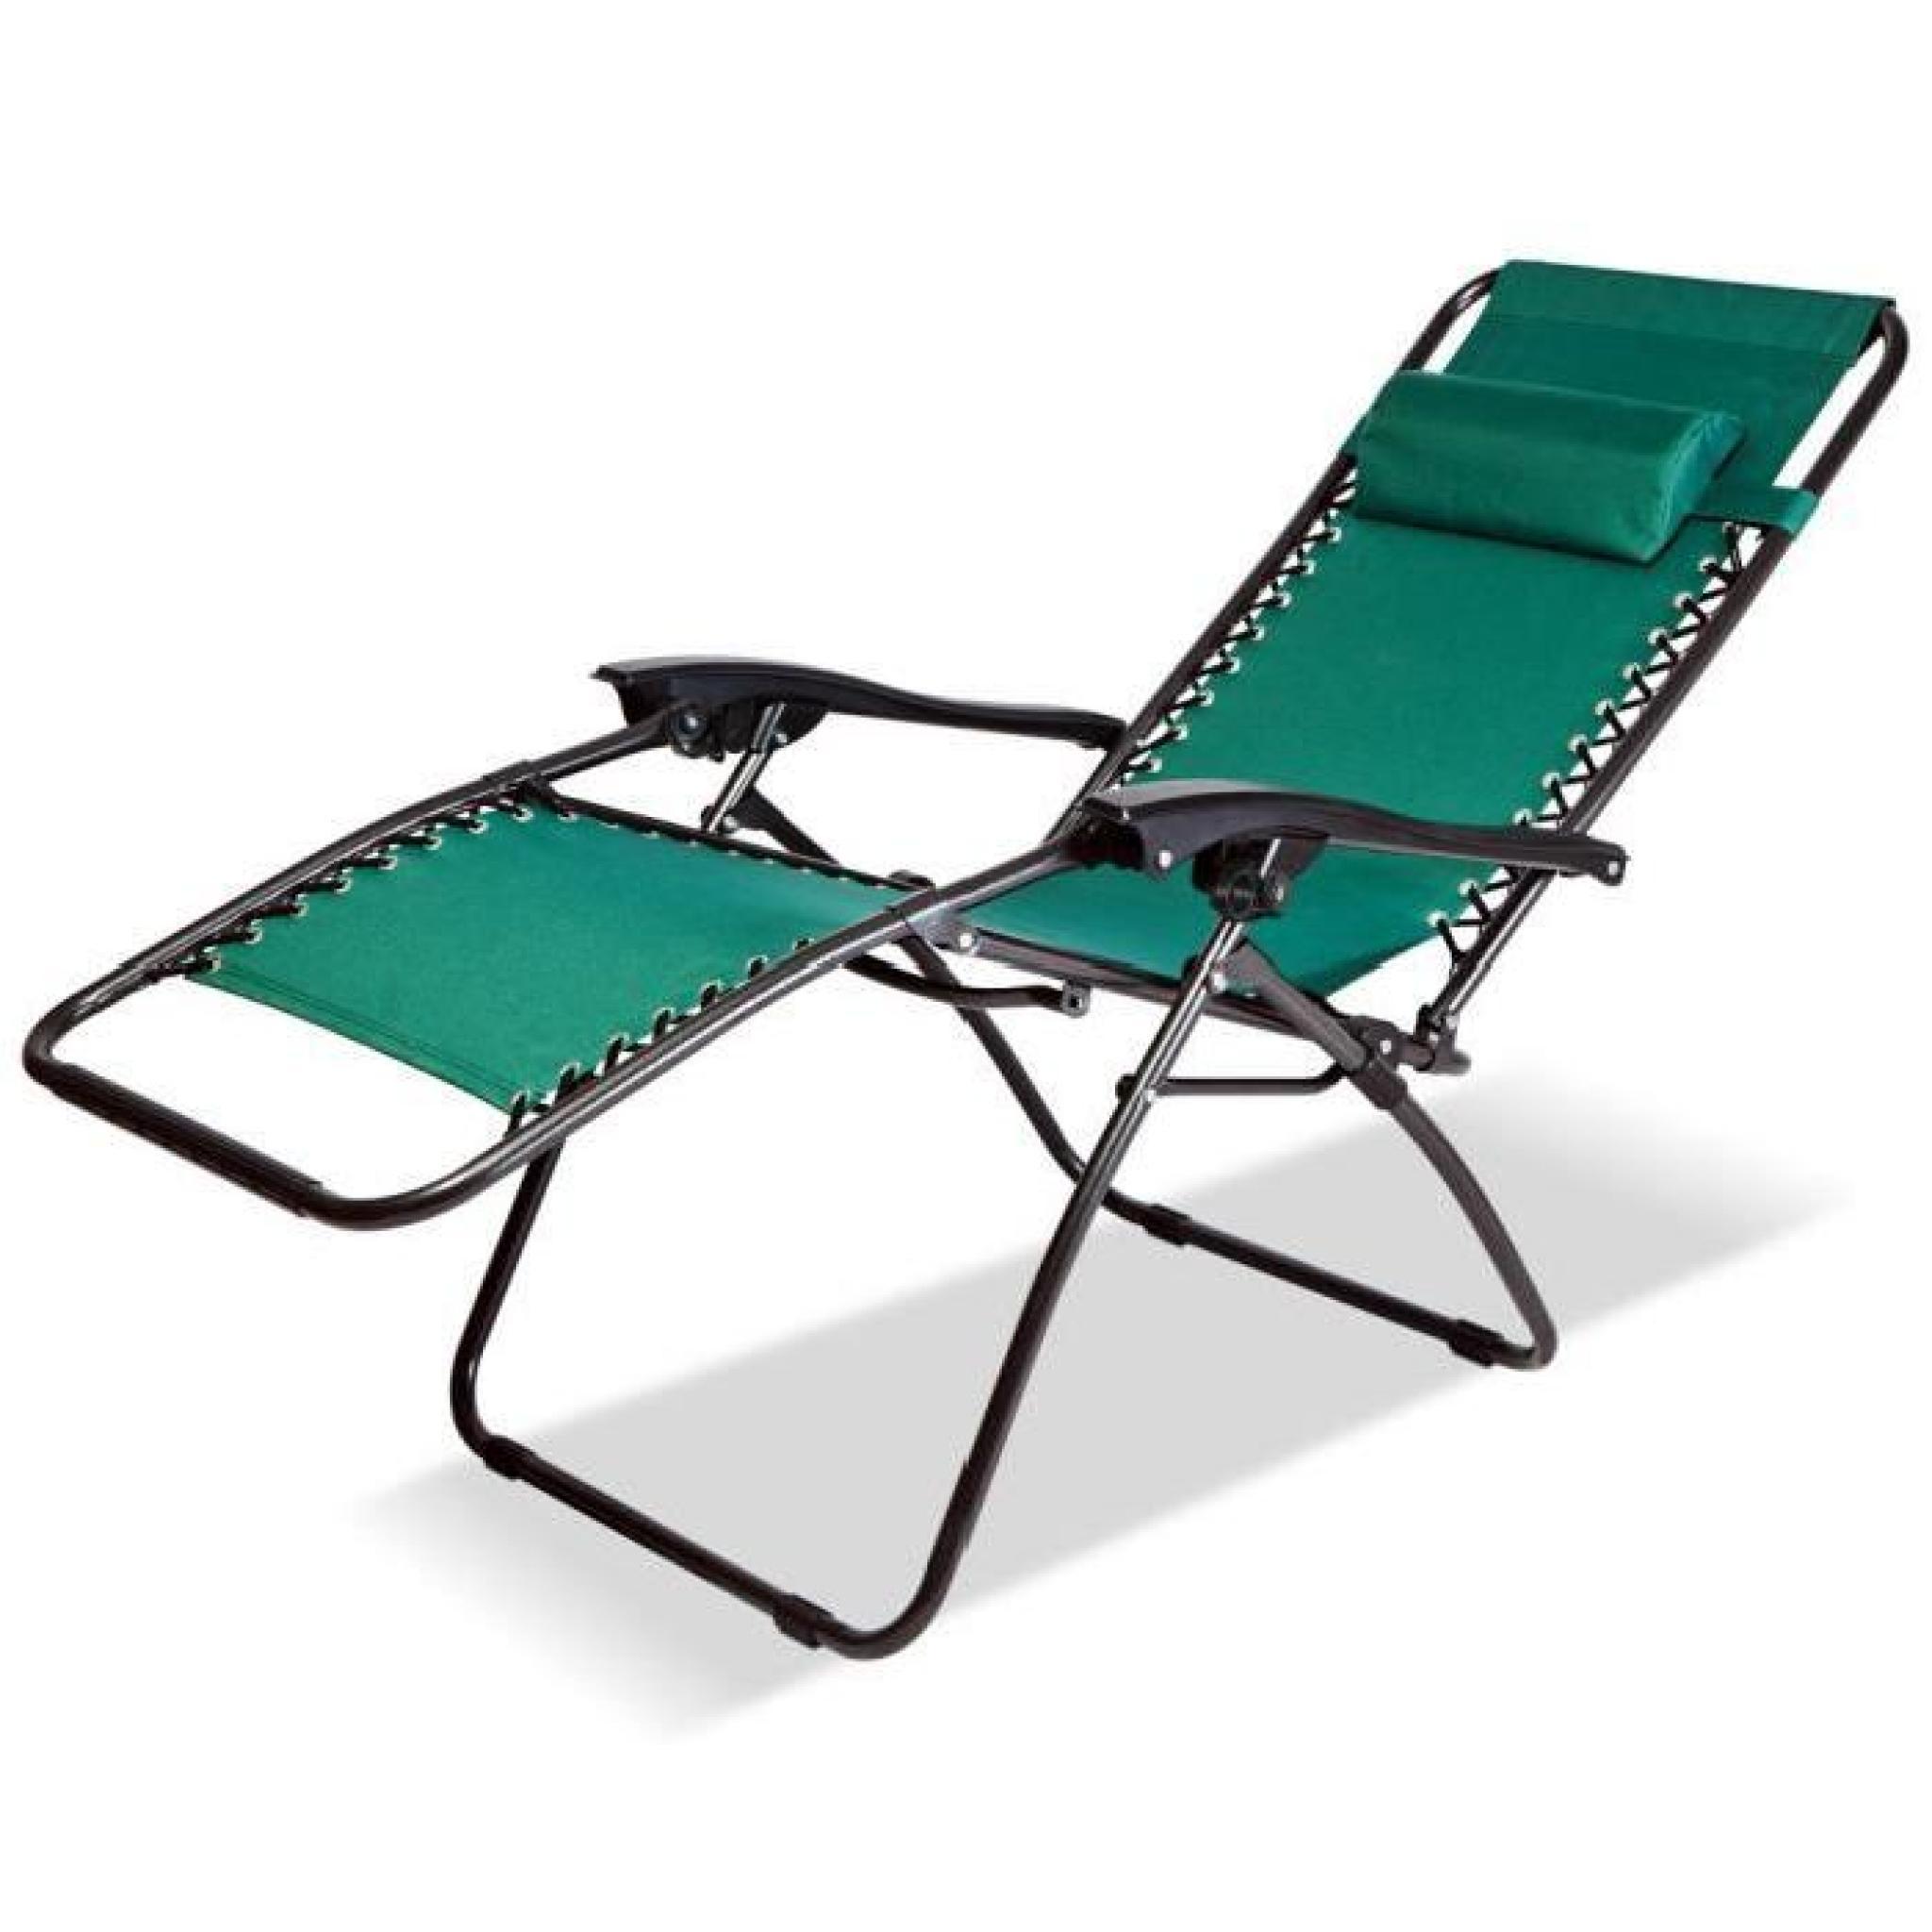 Chaise Longue De Jardin Pliable - Chaise Pliable De Camping - Transat  Terrasse pour Chaise Longue Jardin Pas Cher